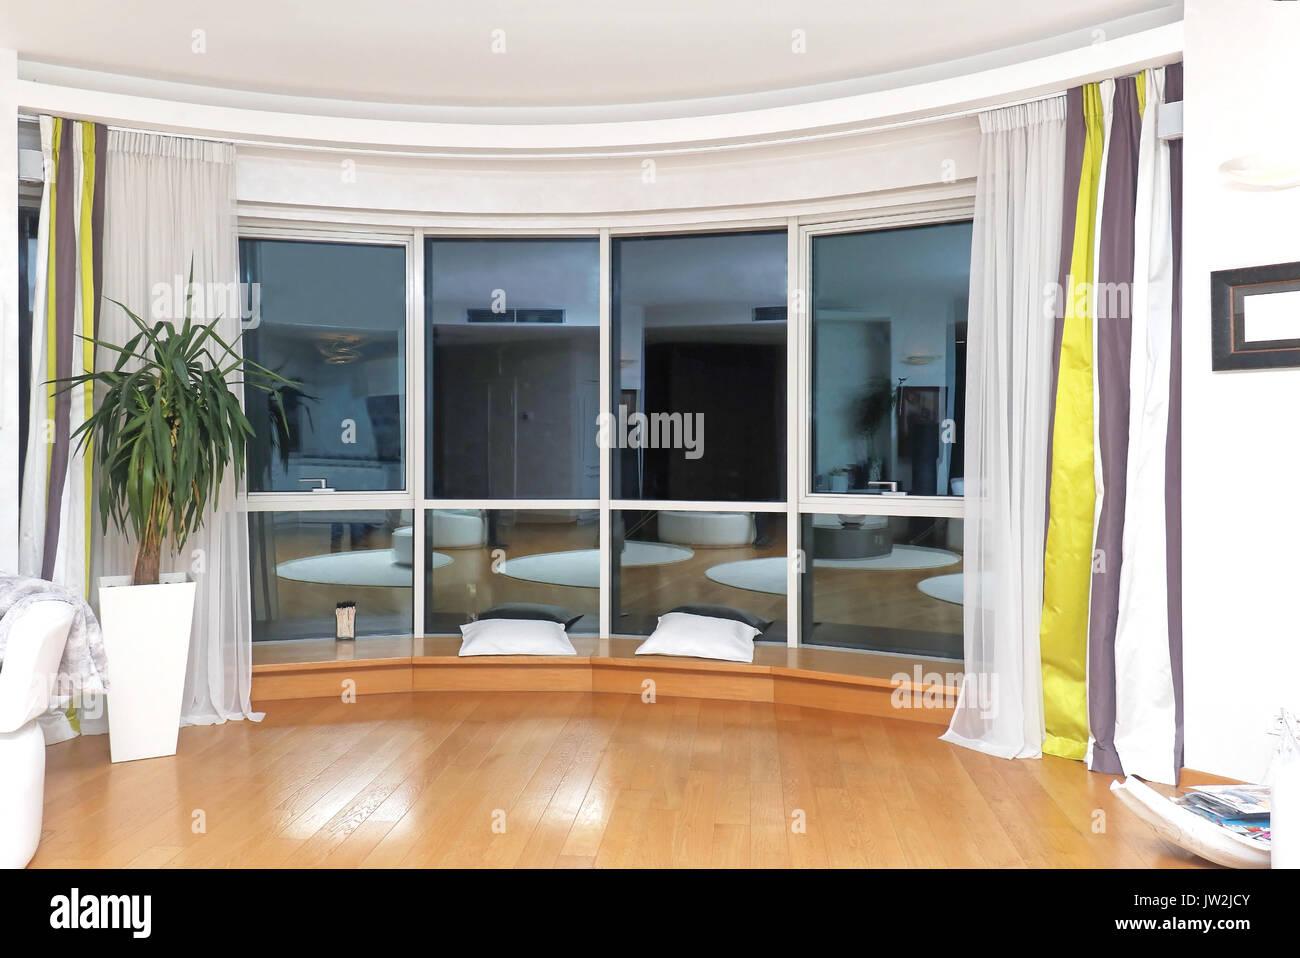 Bezaubernd Glaswand Wohnzimmer Ideen Von Modernes Einrichtung Mit Großen Spiegelbild Im Fenster